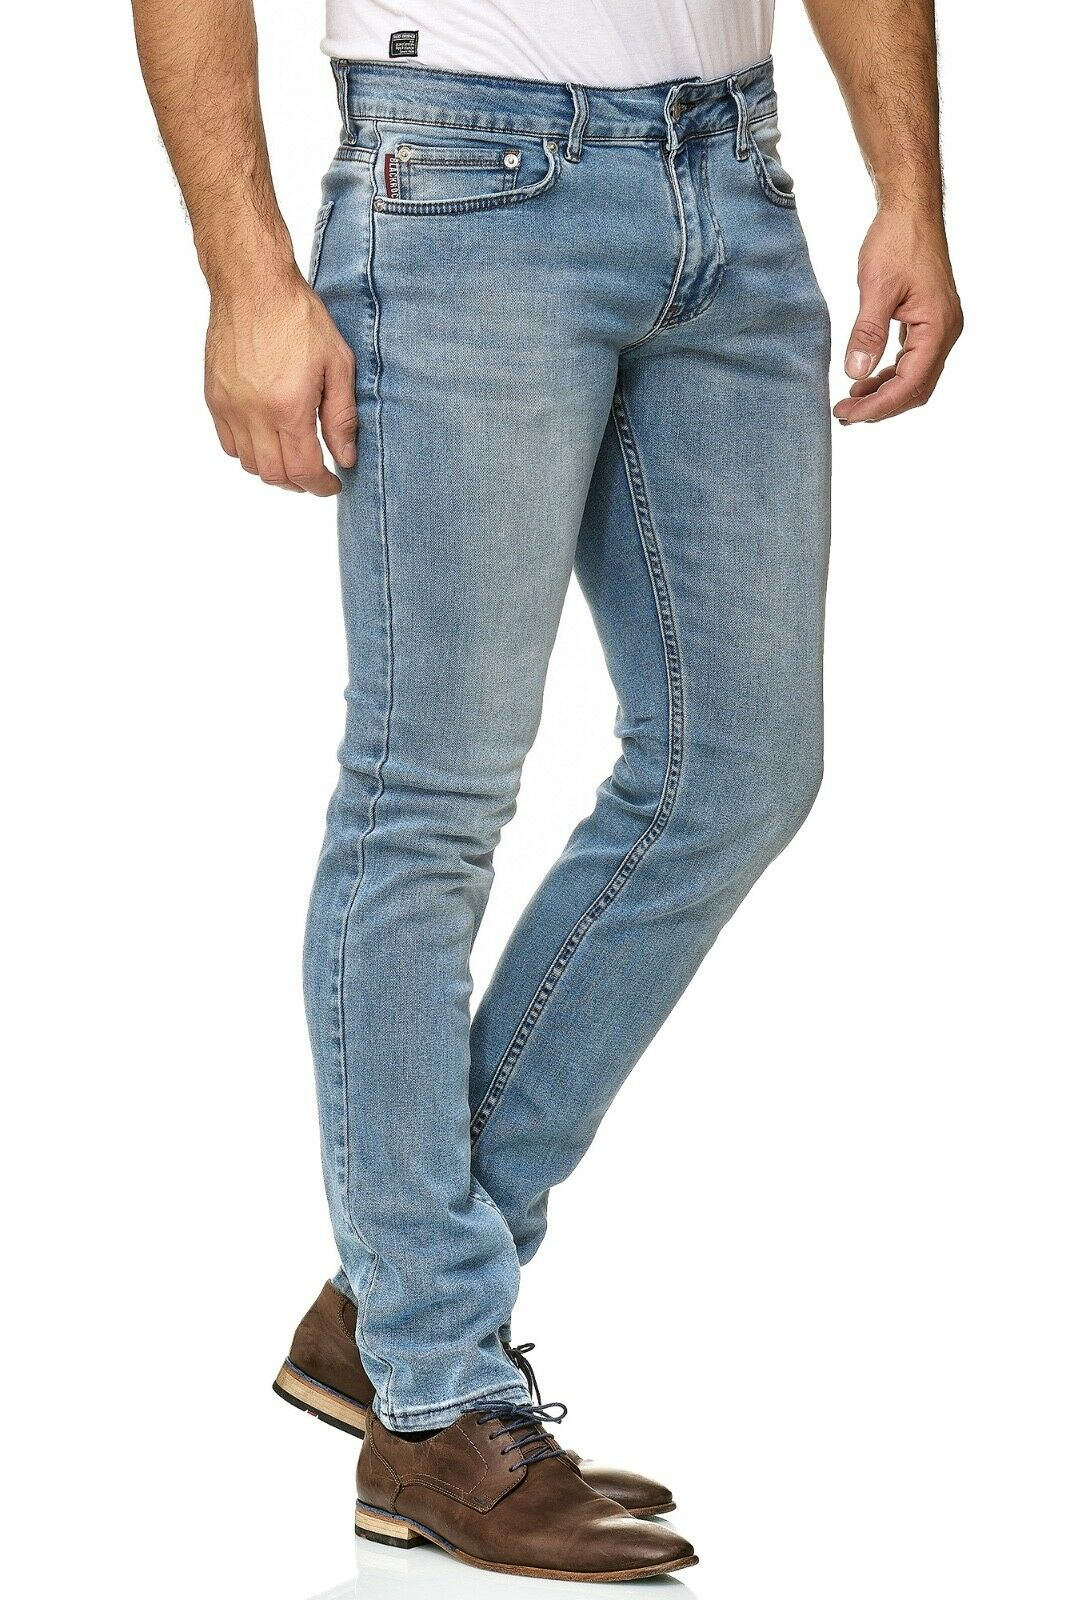 Herren-Jeanshosen-Stretch-Hose-Slim-fit-SKINNY-Jeans-Blau-Schwarz-Grau-Weiss Indexbild 38